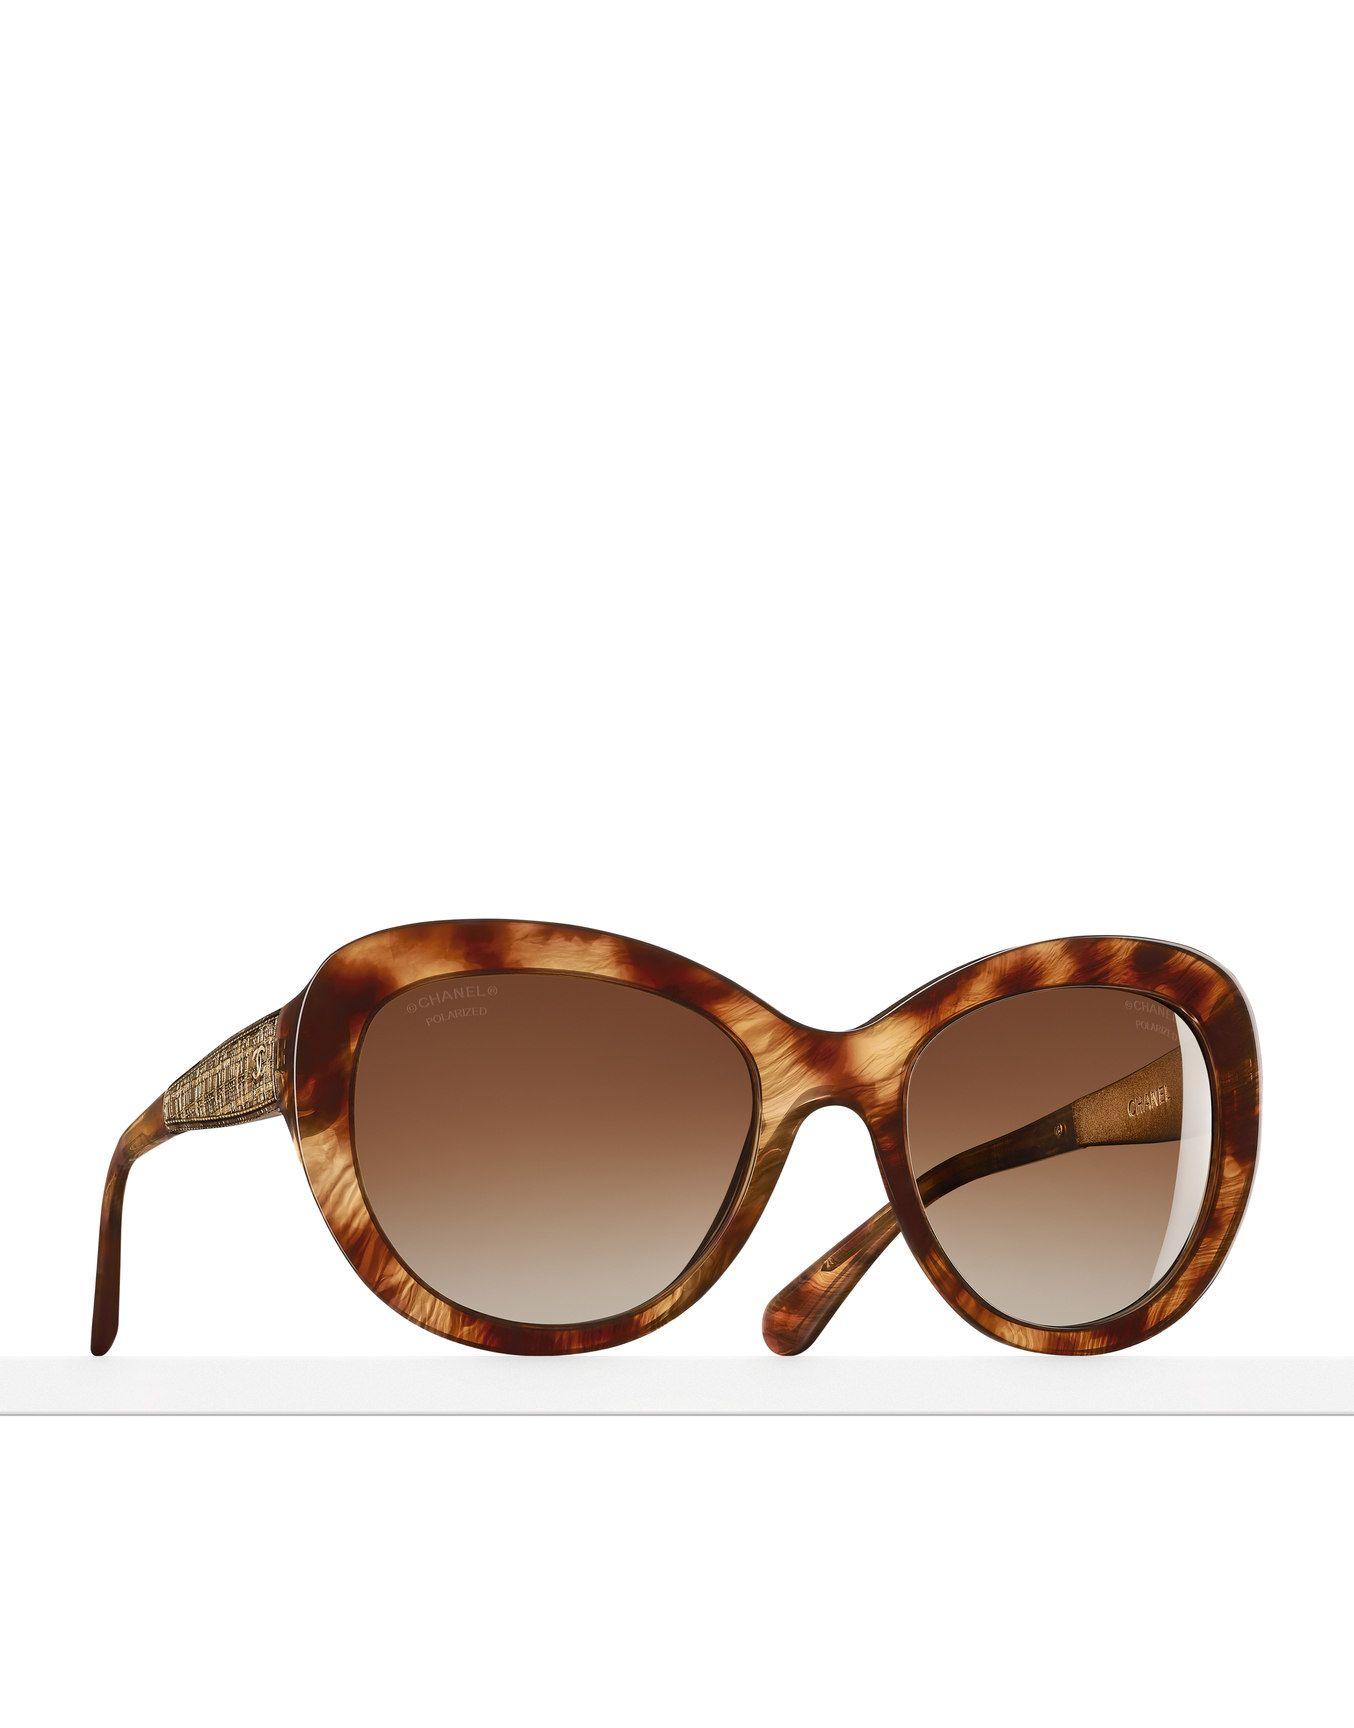 3def5c46b Gafas de sol montura mariposa, acetato y metal - lentes polarizadas-marrón  claro - CHANEL